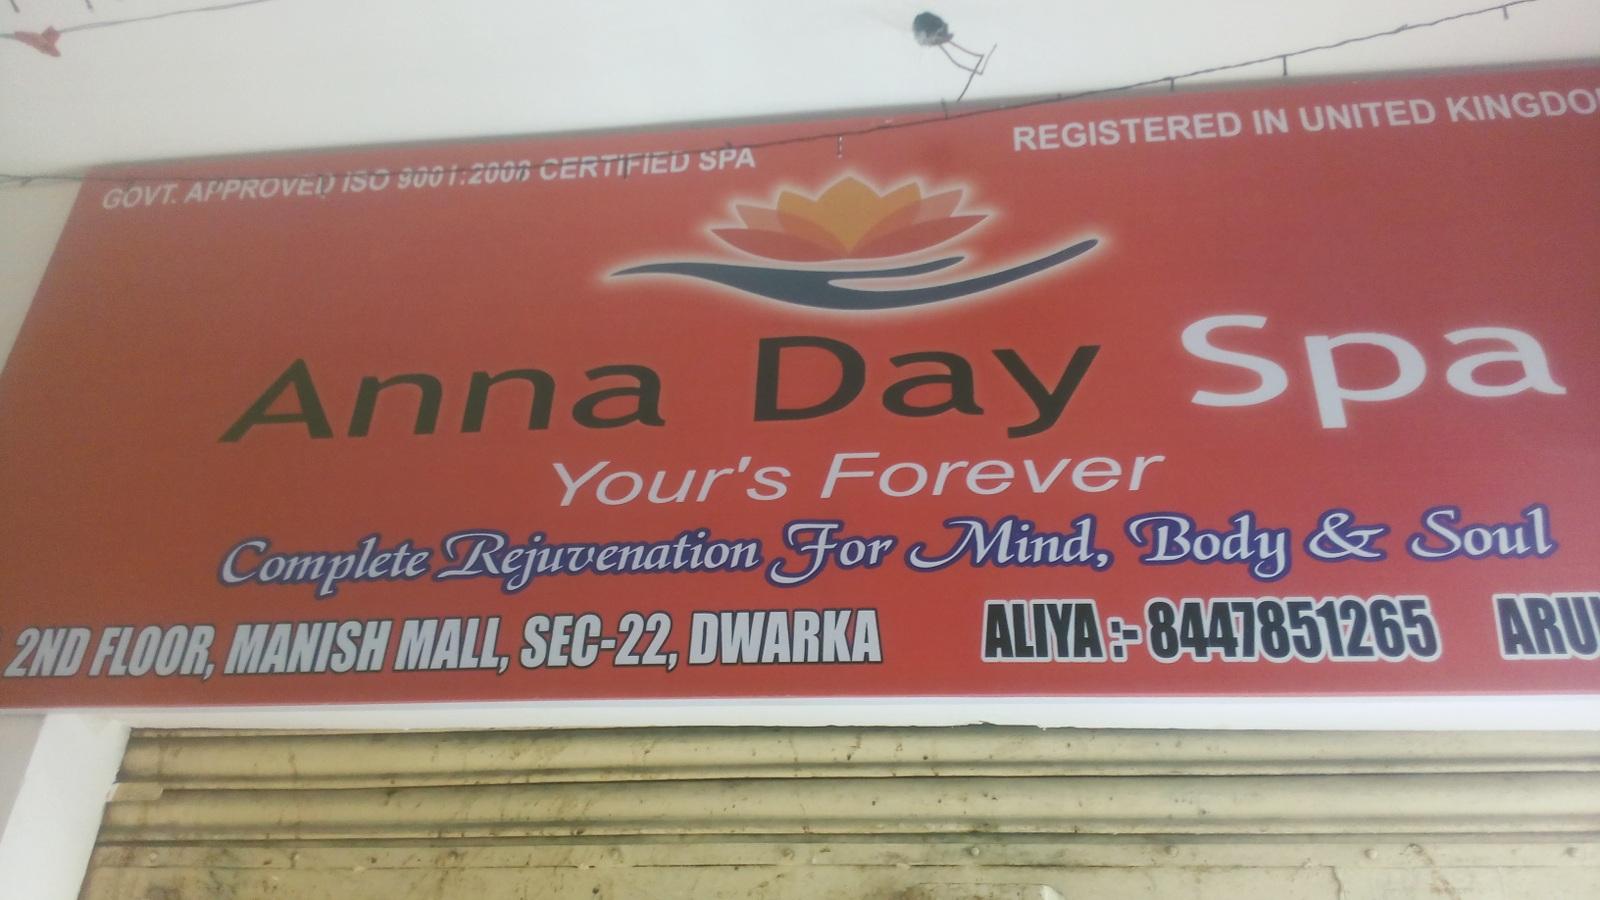 Anna Day Spa - logo